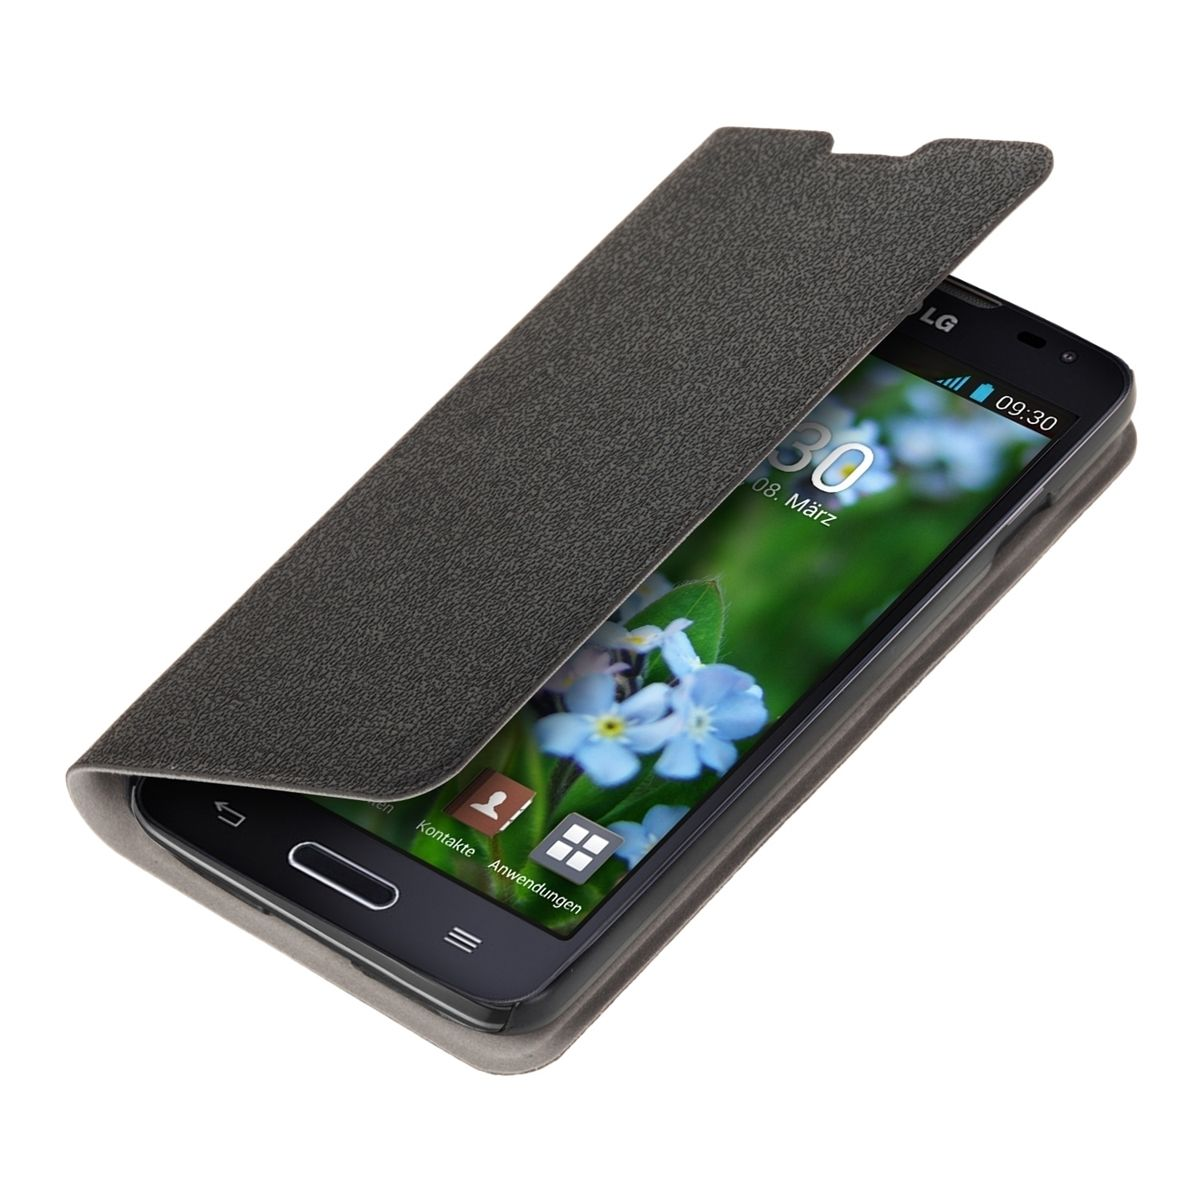 Pouzdro FLIP pro LG L90 D405 černé